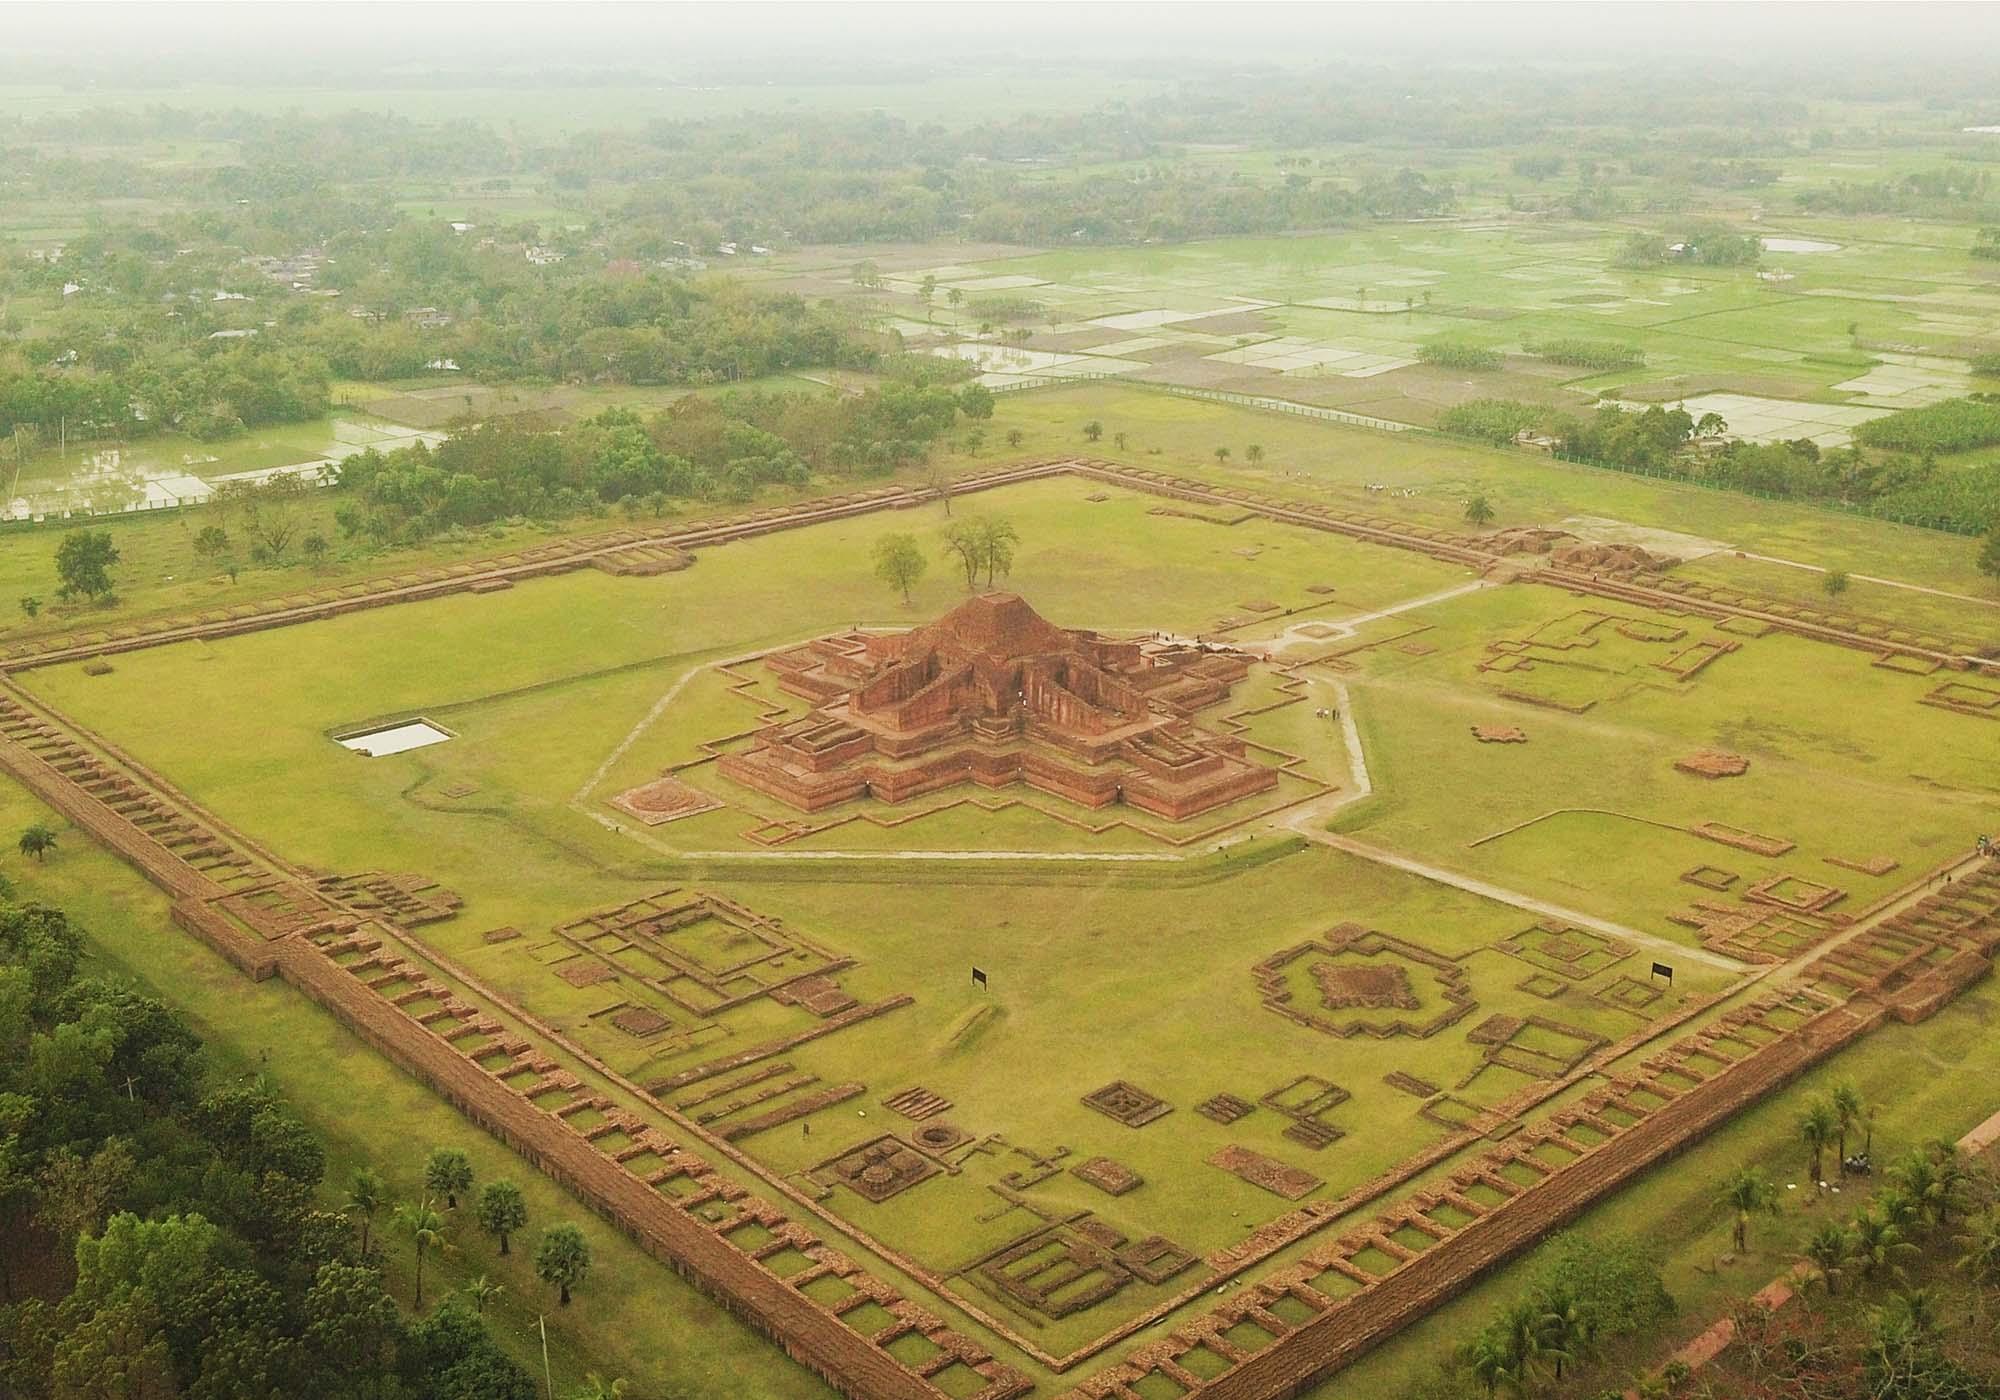 Aerial view of Paharpur Buddhist Monastery (Somapura Mahavihara), Bangladesh – © Peter Prix